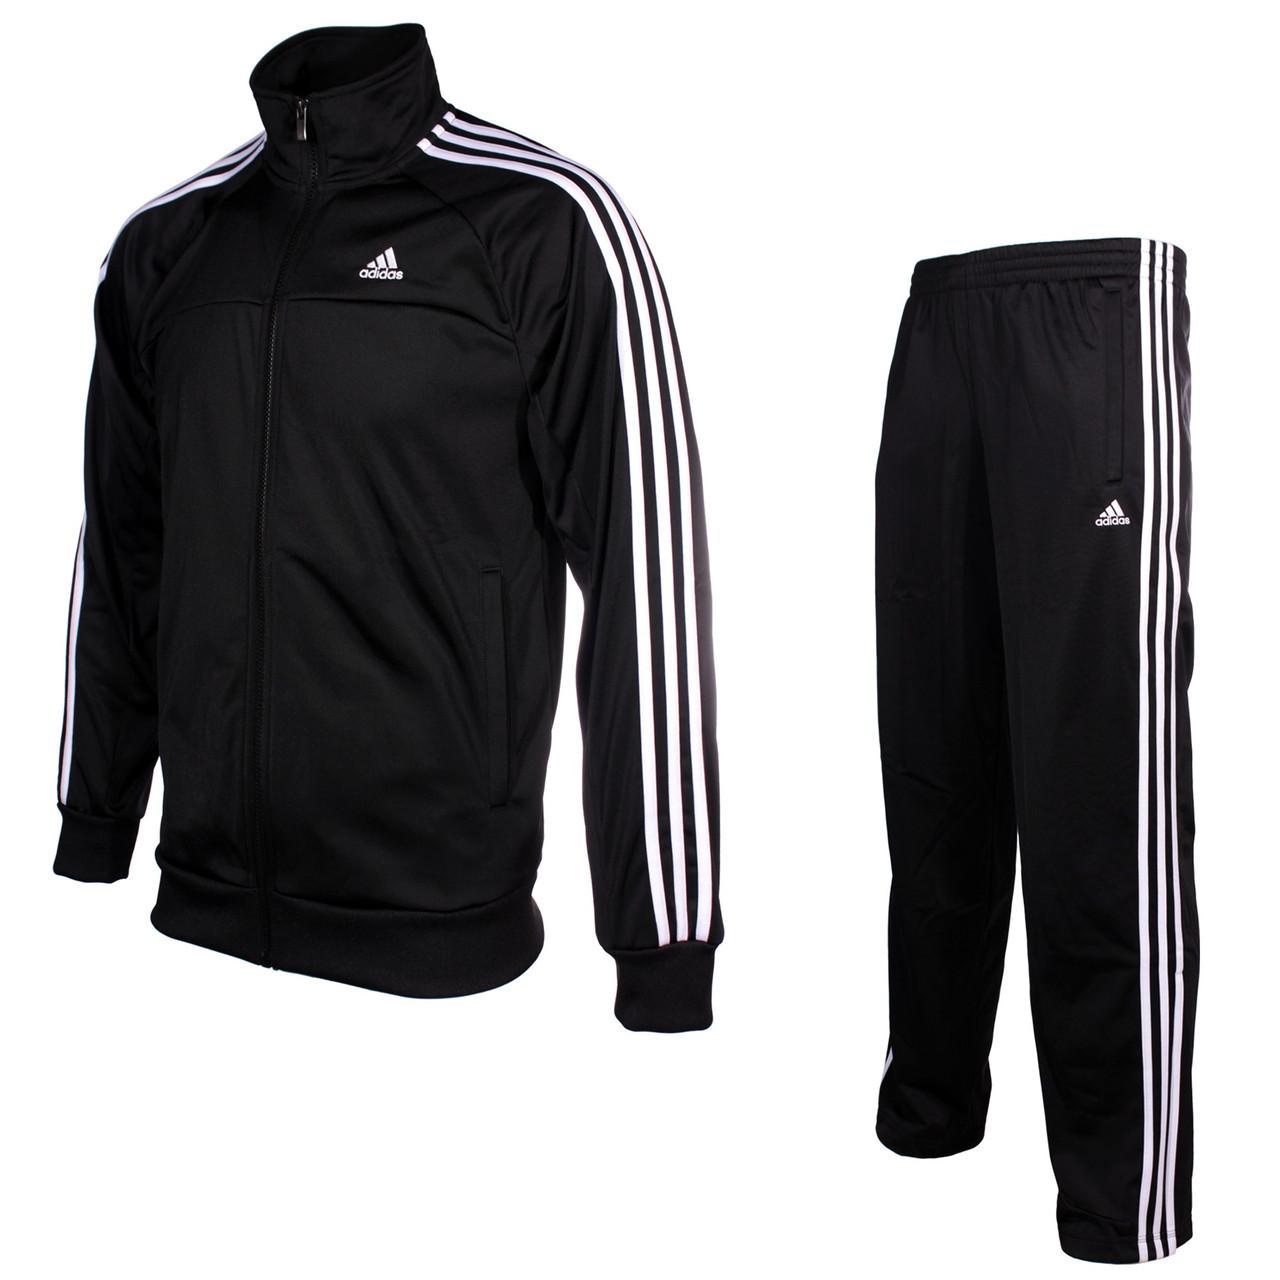 92040a99 Костюм спортивный, мужской Adidas Essentials 3-Stripes Tracksuit Men X12408  адидас